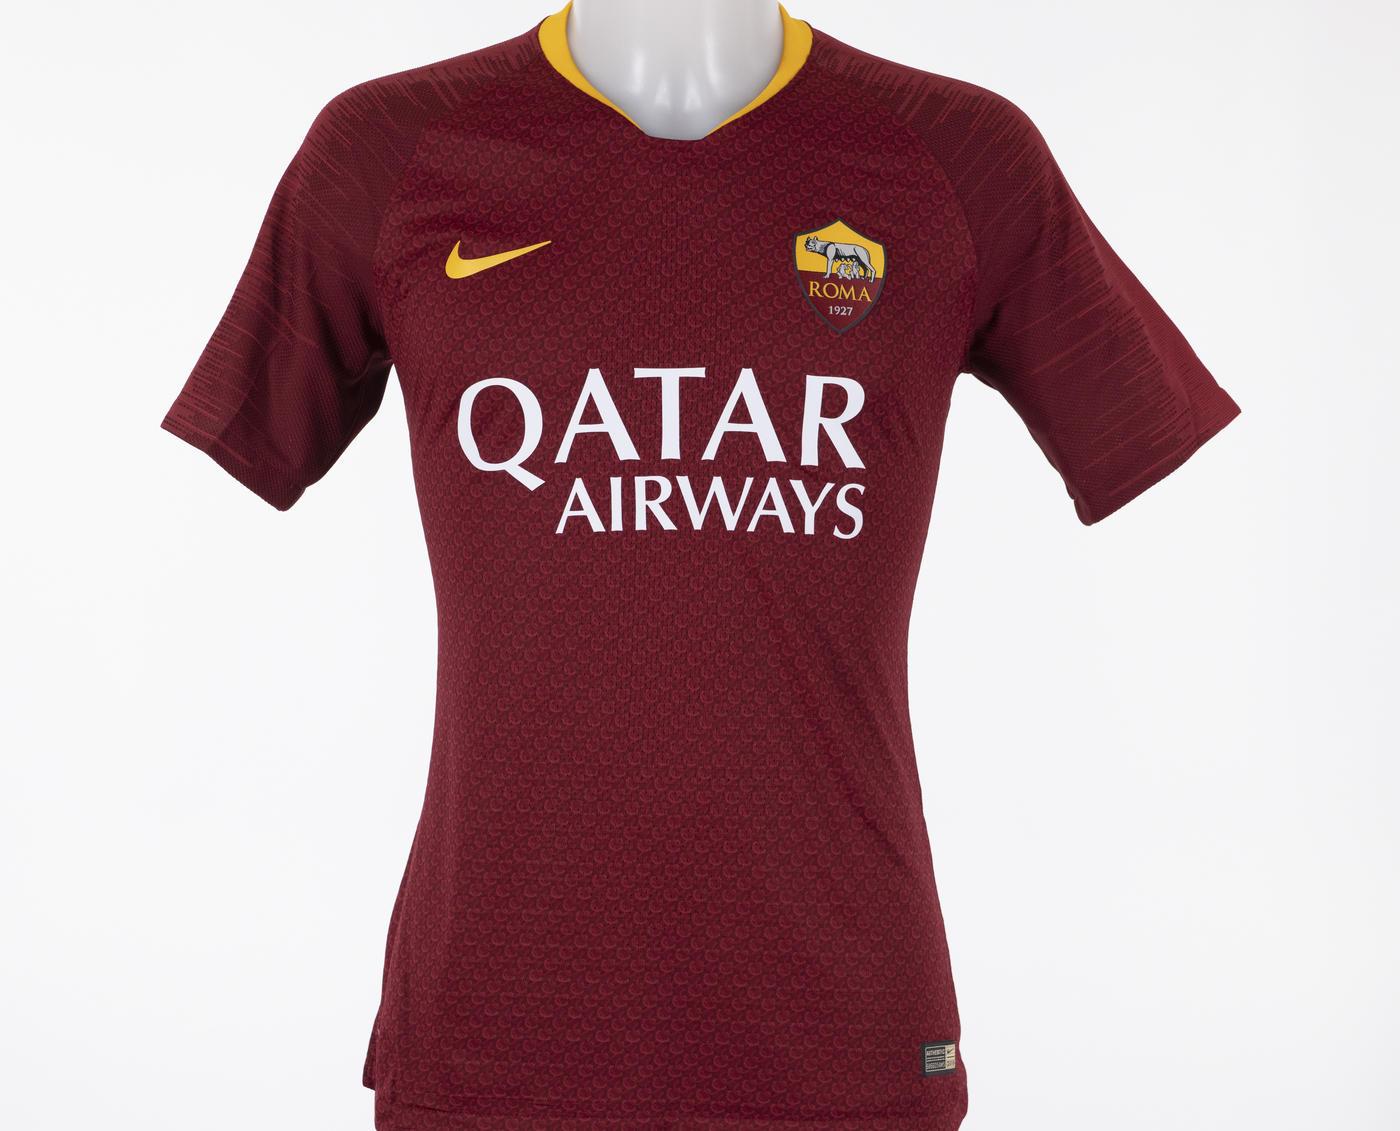 Roma, ecco la nuova maglia: l'armatura sulla pelle